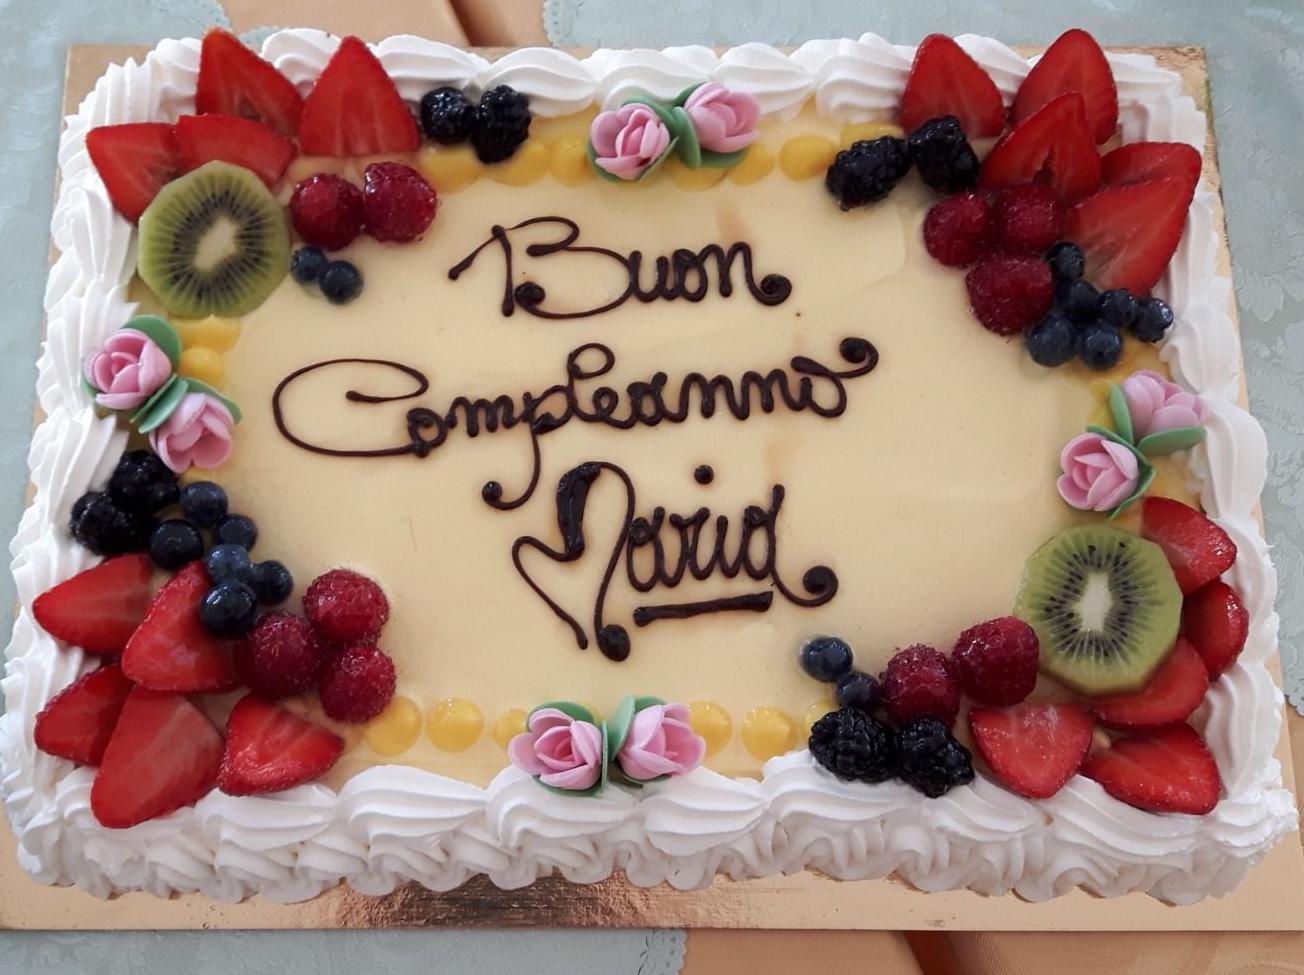 Torte Decorate Per Natale torta di compleanno 2019 nonna maria: pan di spagna con chantilly e frutta  fresca